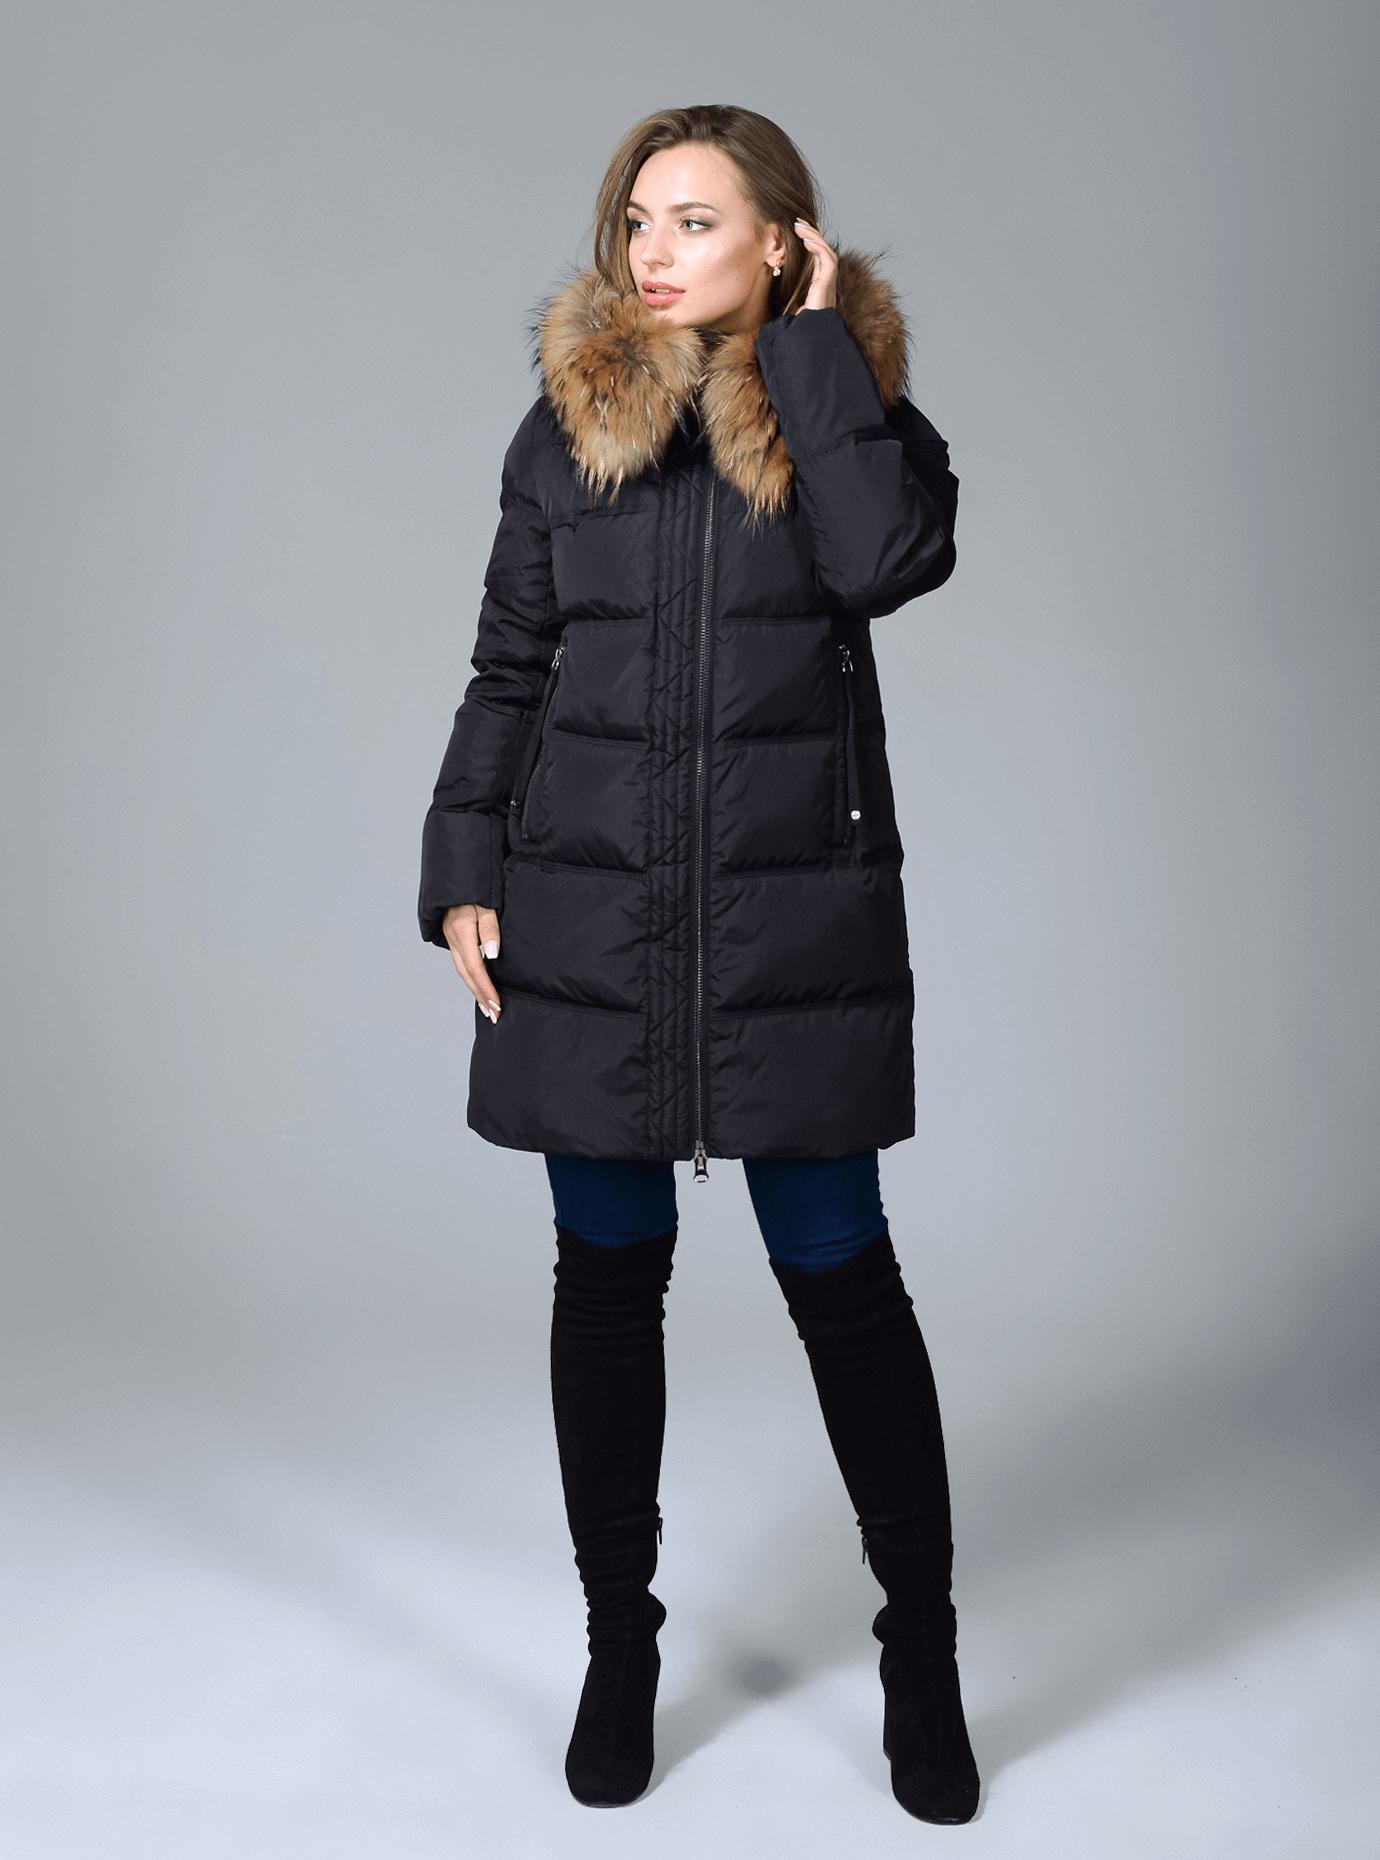 Куртка зимняя женская на молнии Чёрный S (02-CR170249): фото - Alster.ua